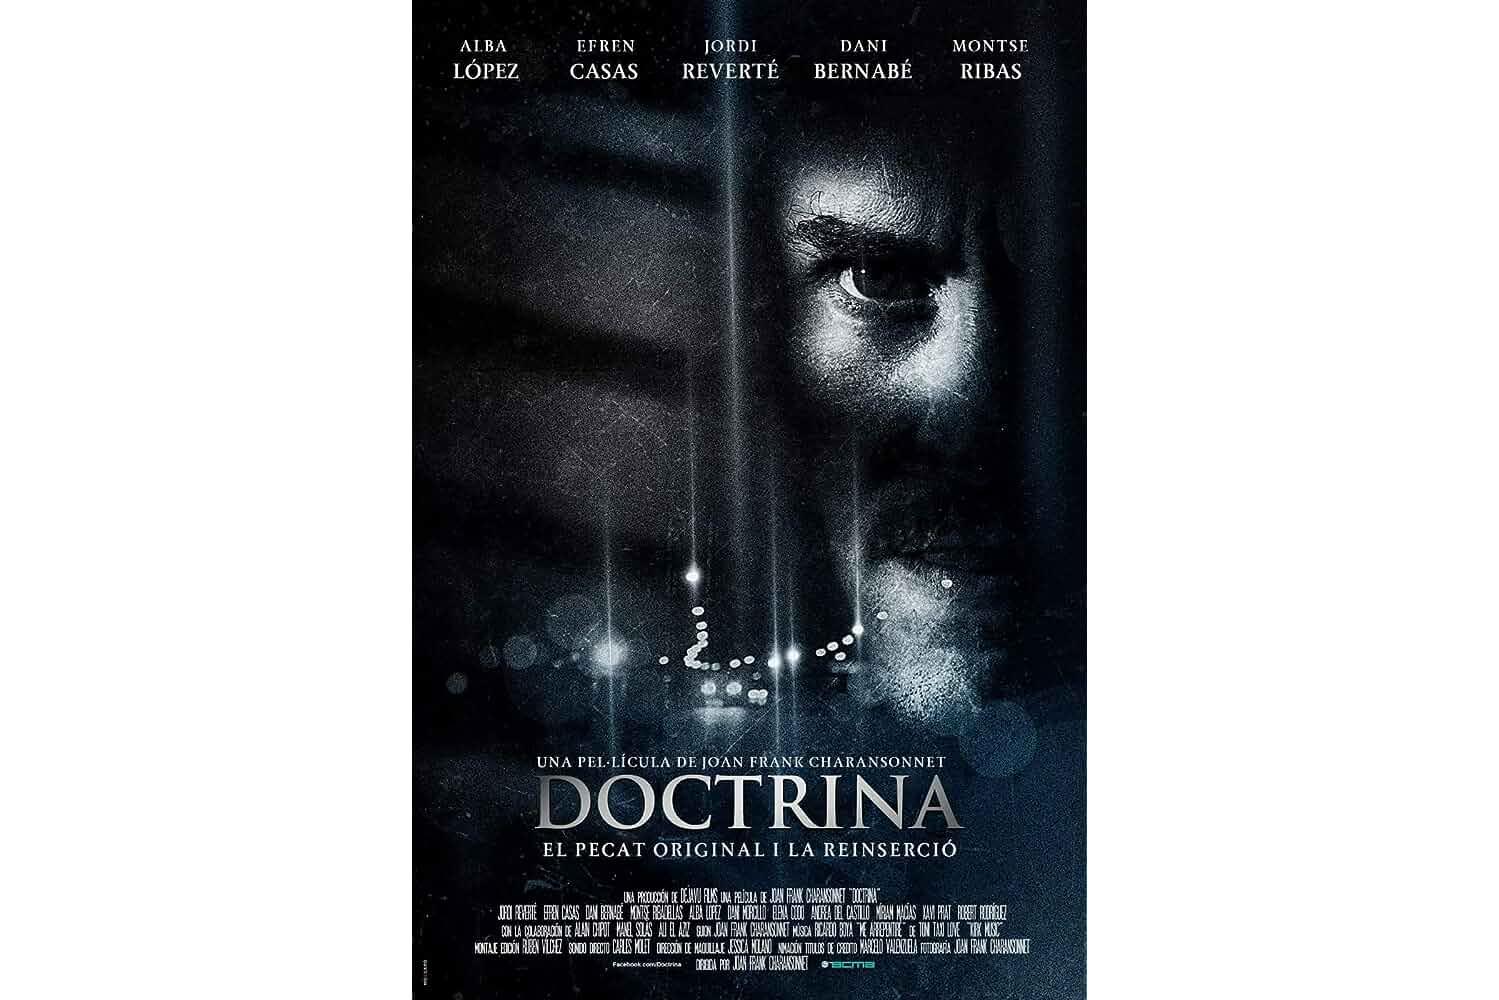 Doctrina El pecat original i la reinserci (2018)